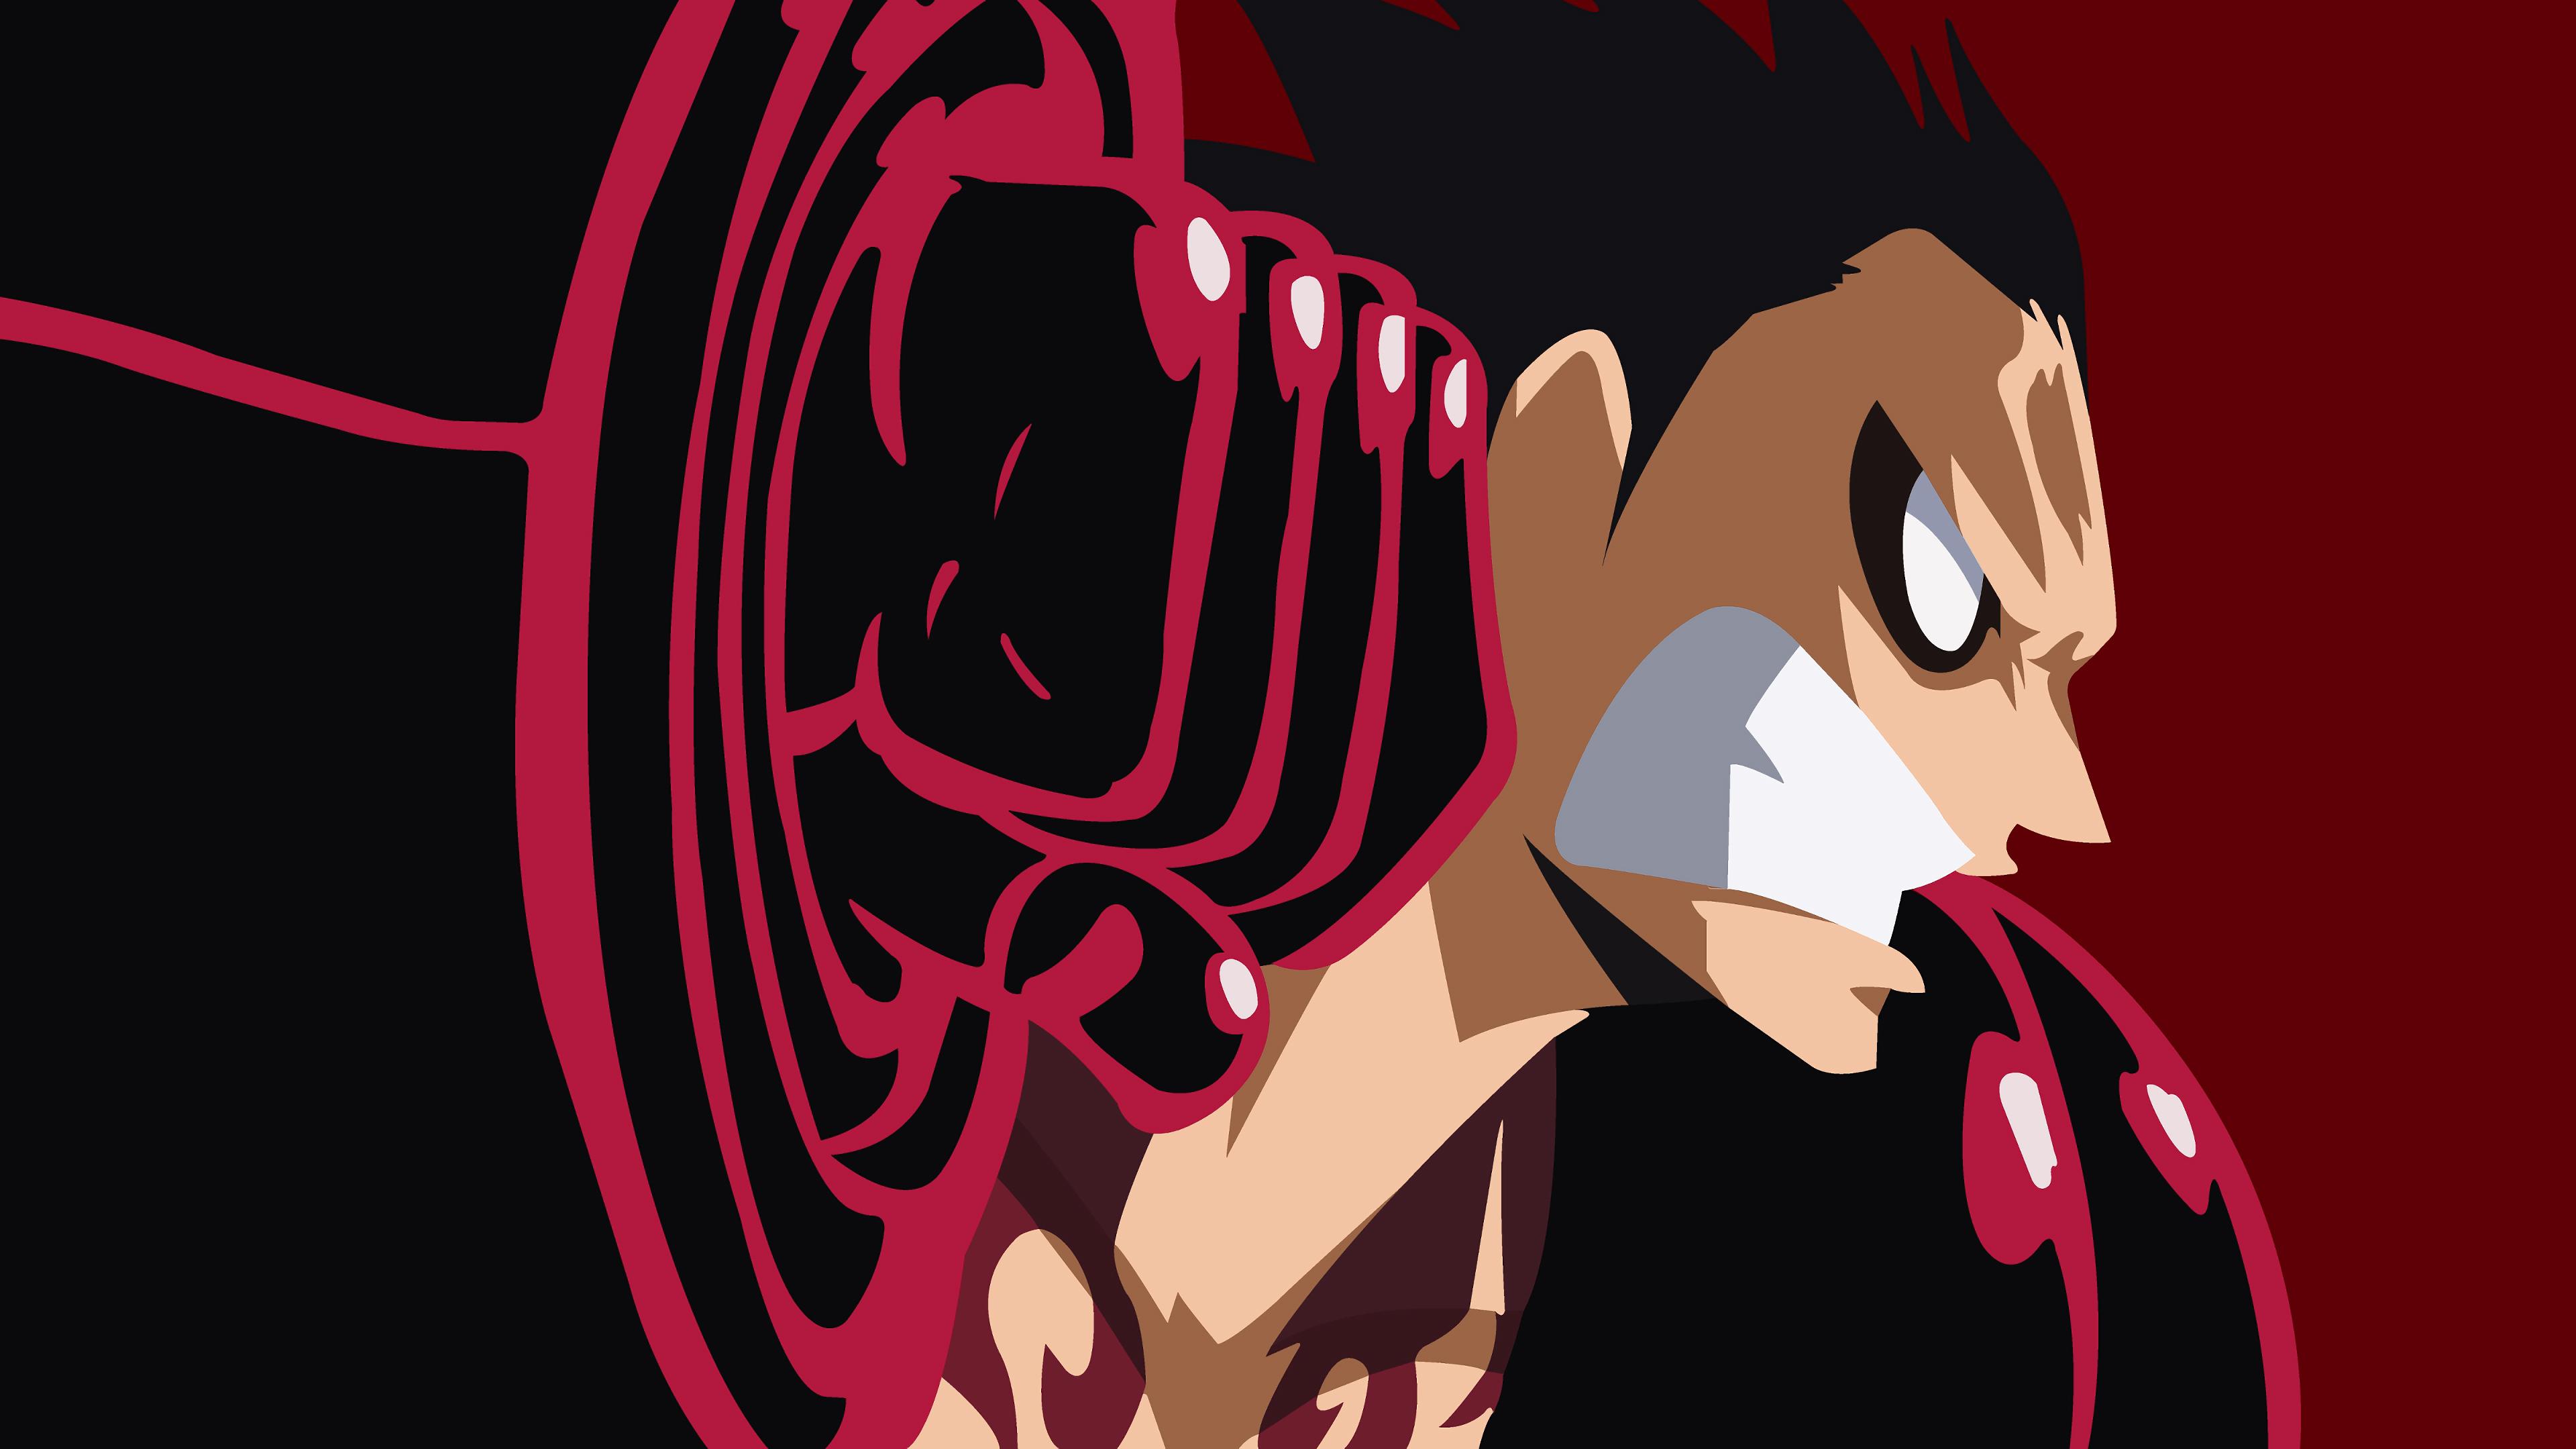 Download Wallpaper Luffy One Piece Hd Cikimm Com